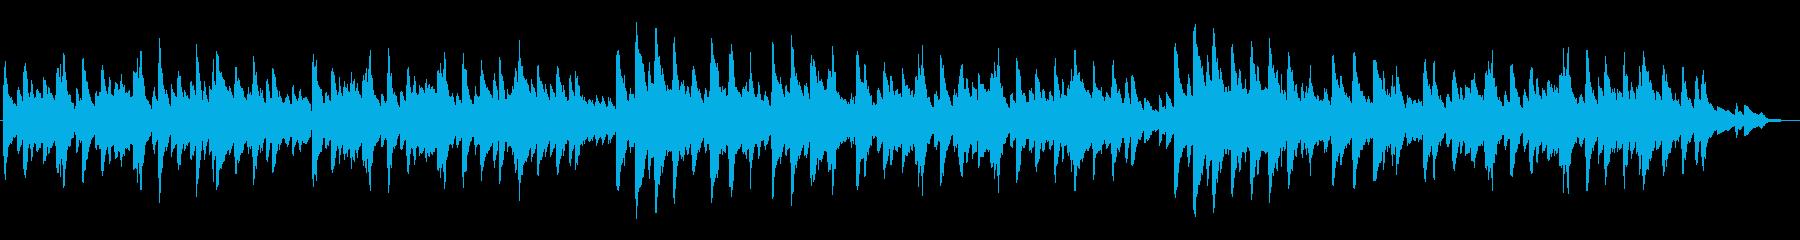 ほのぼのイメージのシューマンのピアノ演奏の再生済みの波形